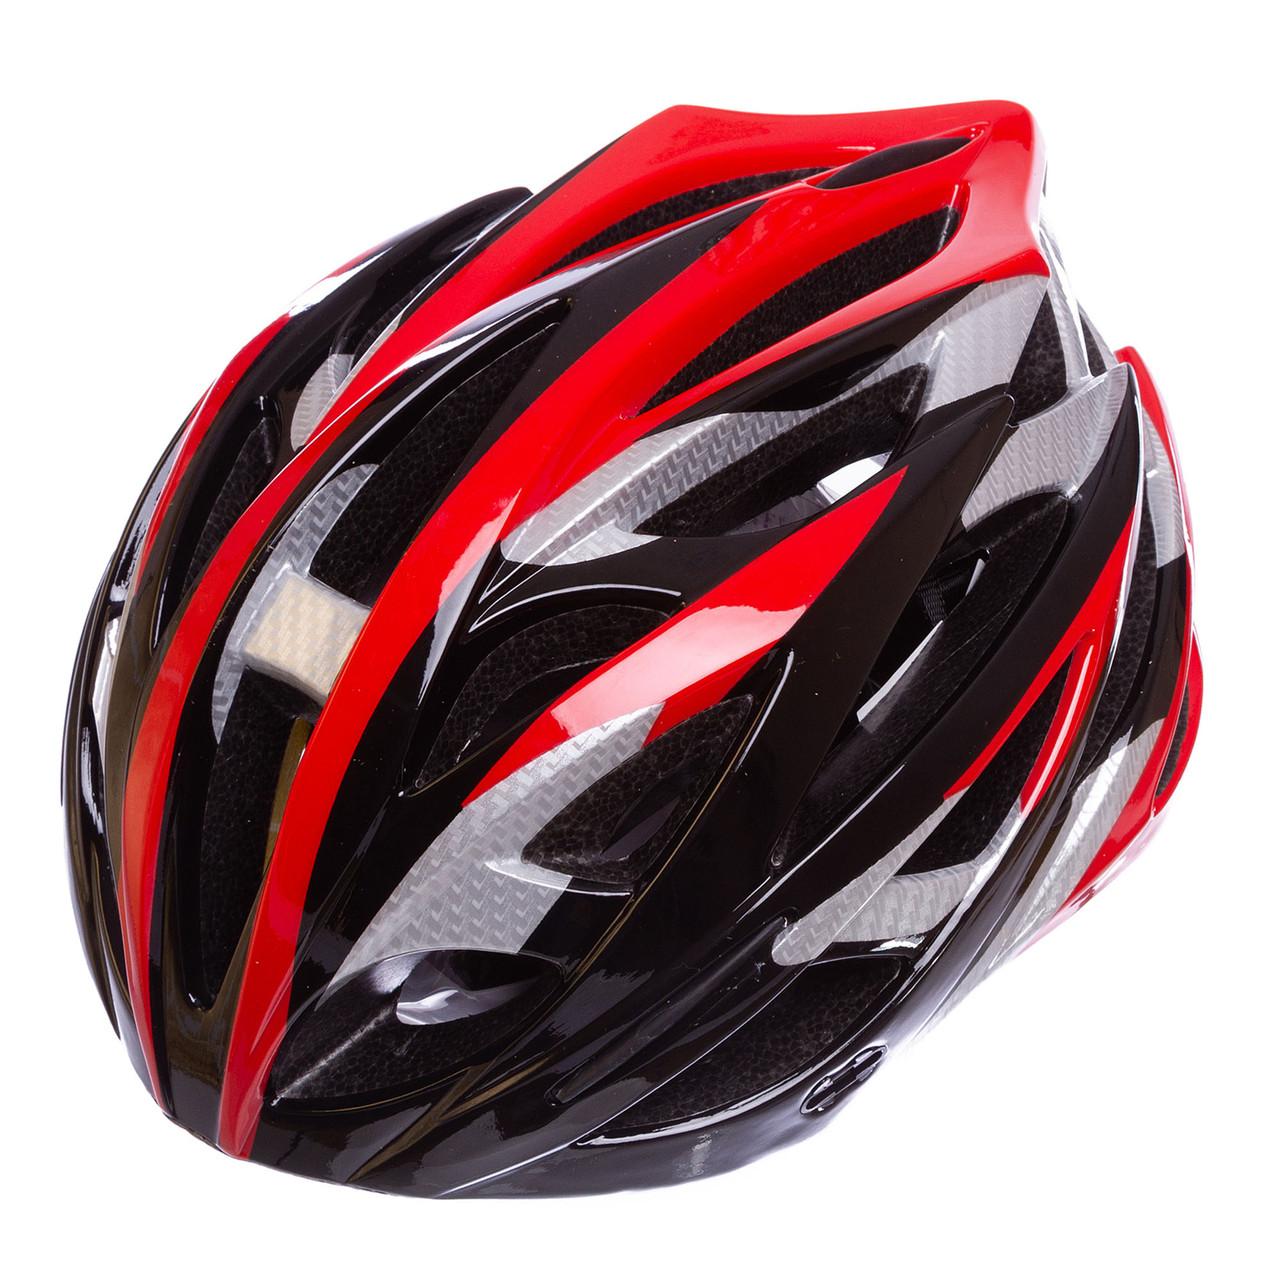 Велошлем кросс-кантри с механизмом регулировки Zelart, EPS, пластик, PVC, р-р M-55-58, черный (HY032)